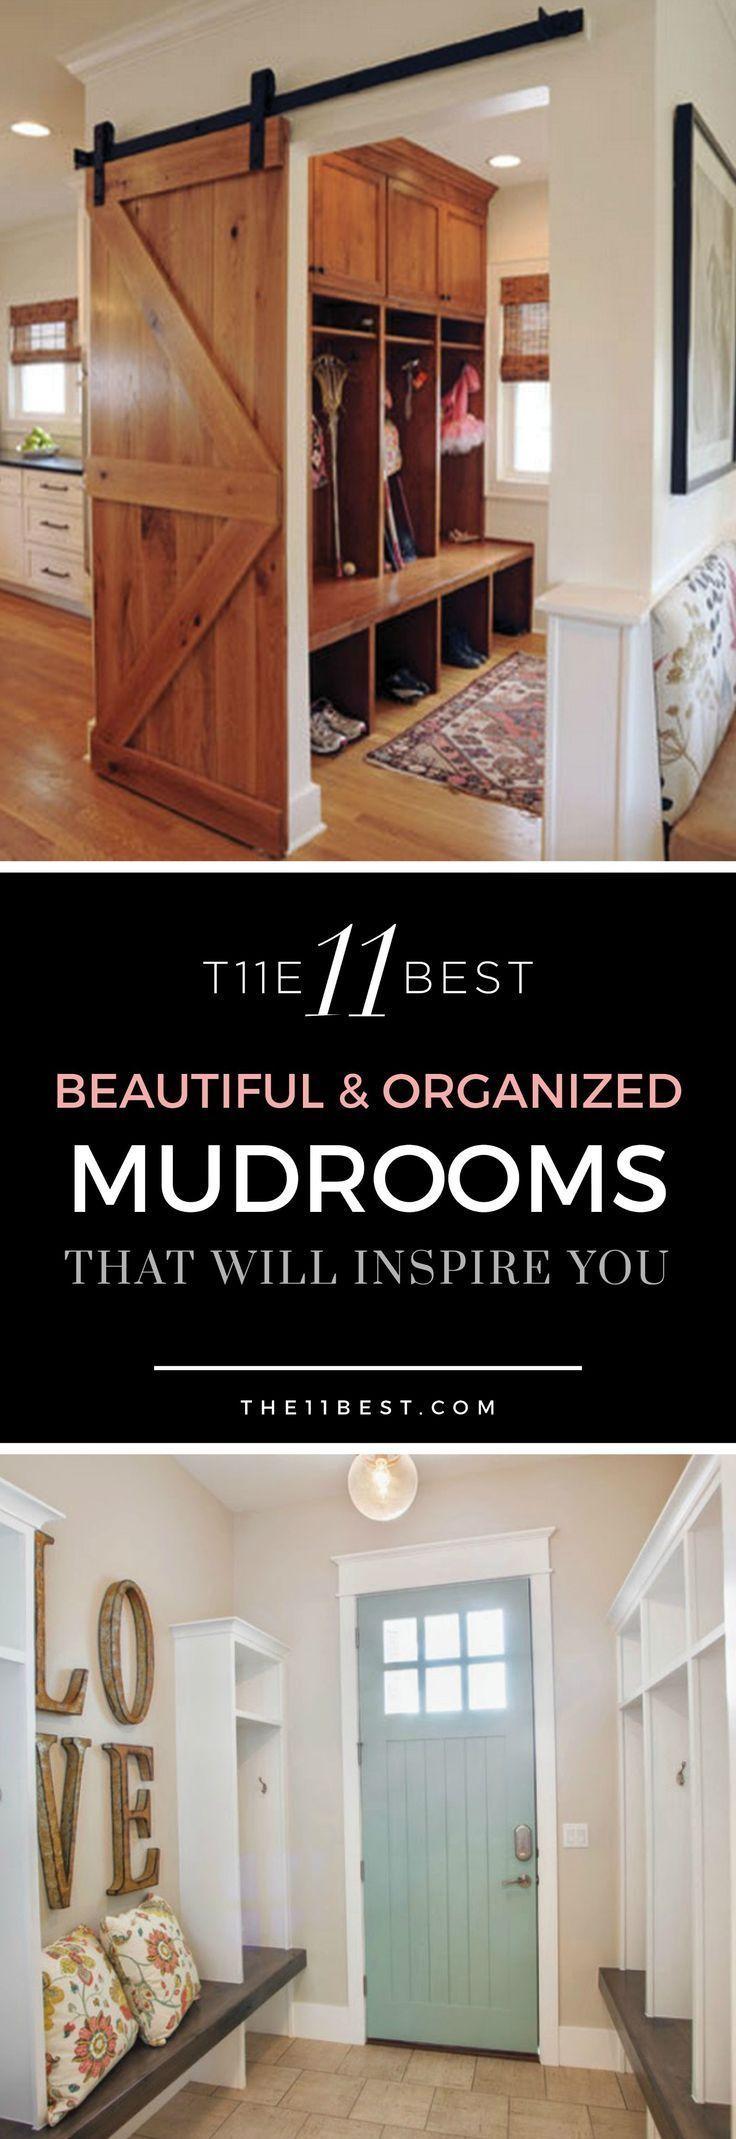 The best mudrooms nh front door mudroom home room